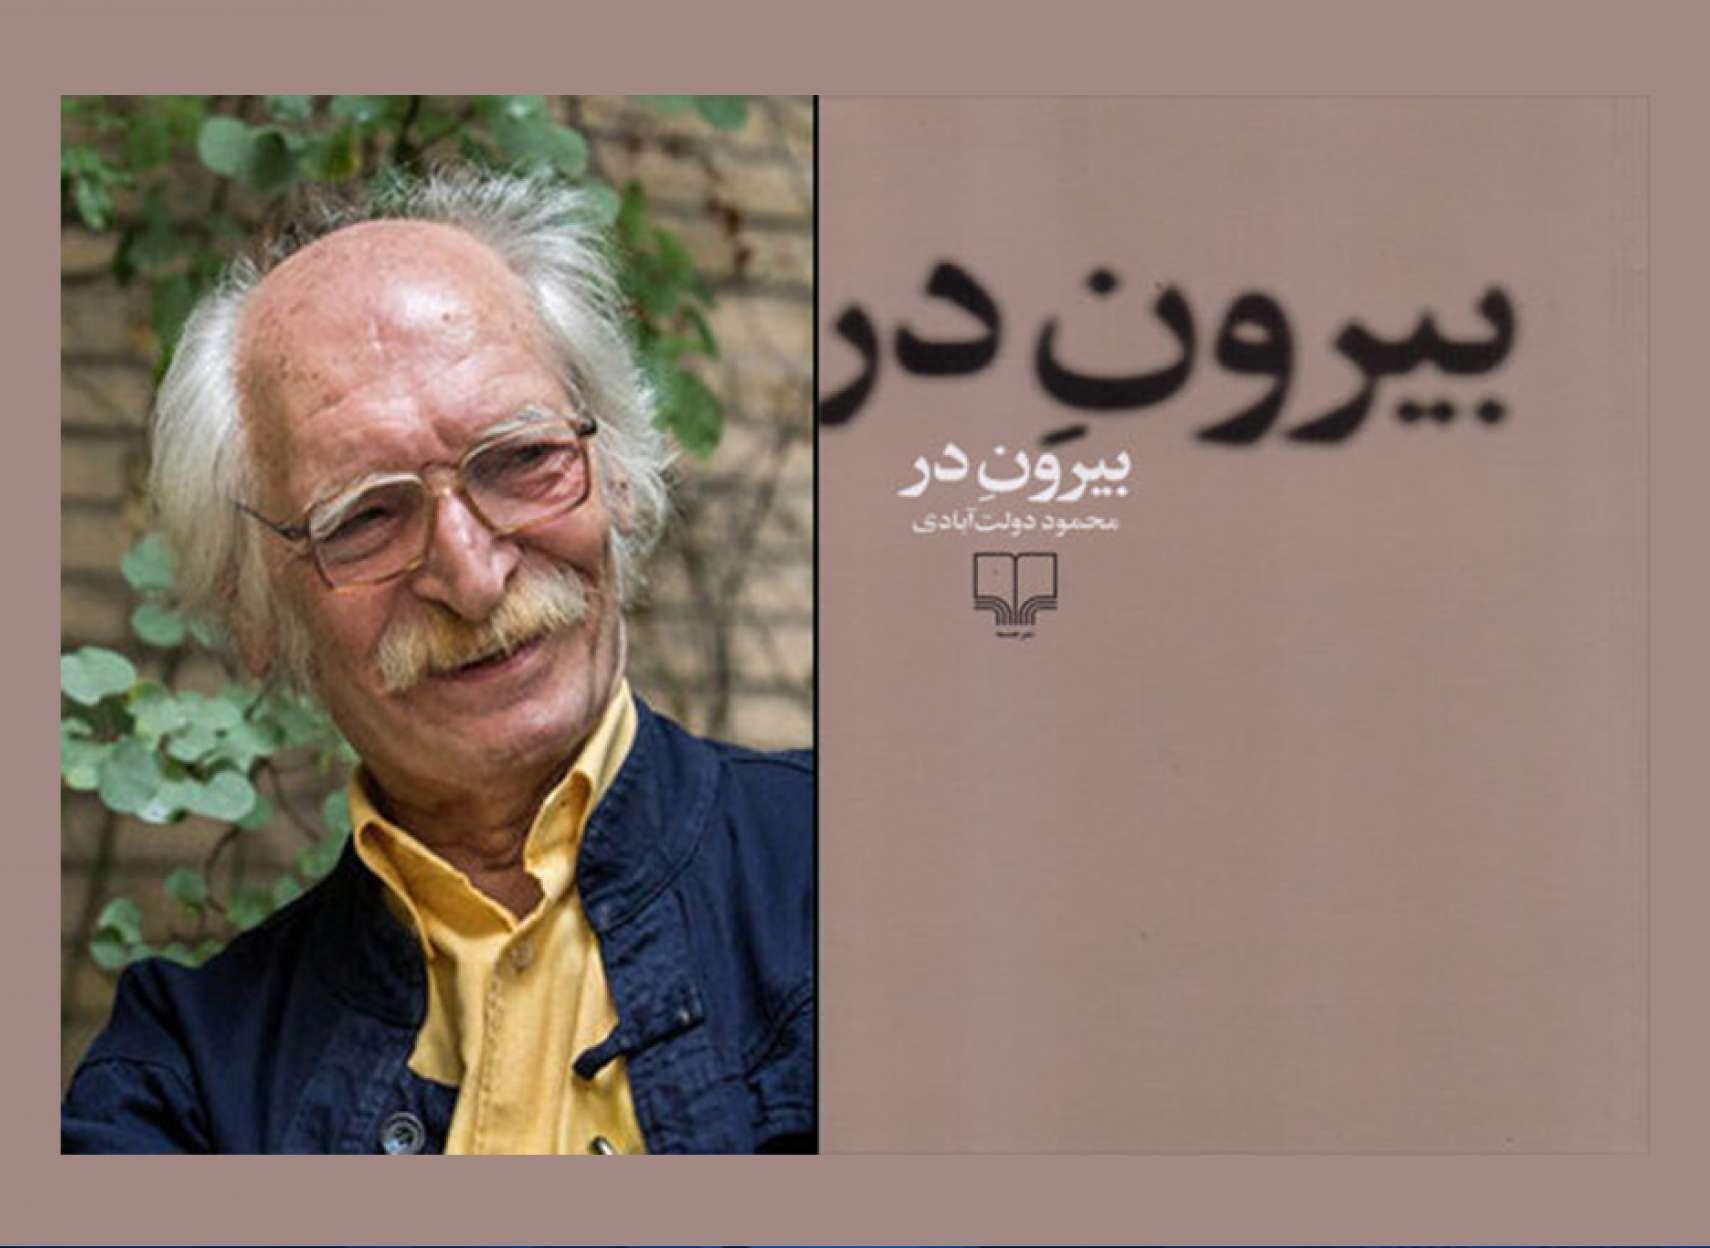 ادبیات-گلمحمدی-نقدی-بر-کتاب-بیرون-در-محمود-دولتآبادی